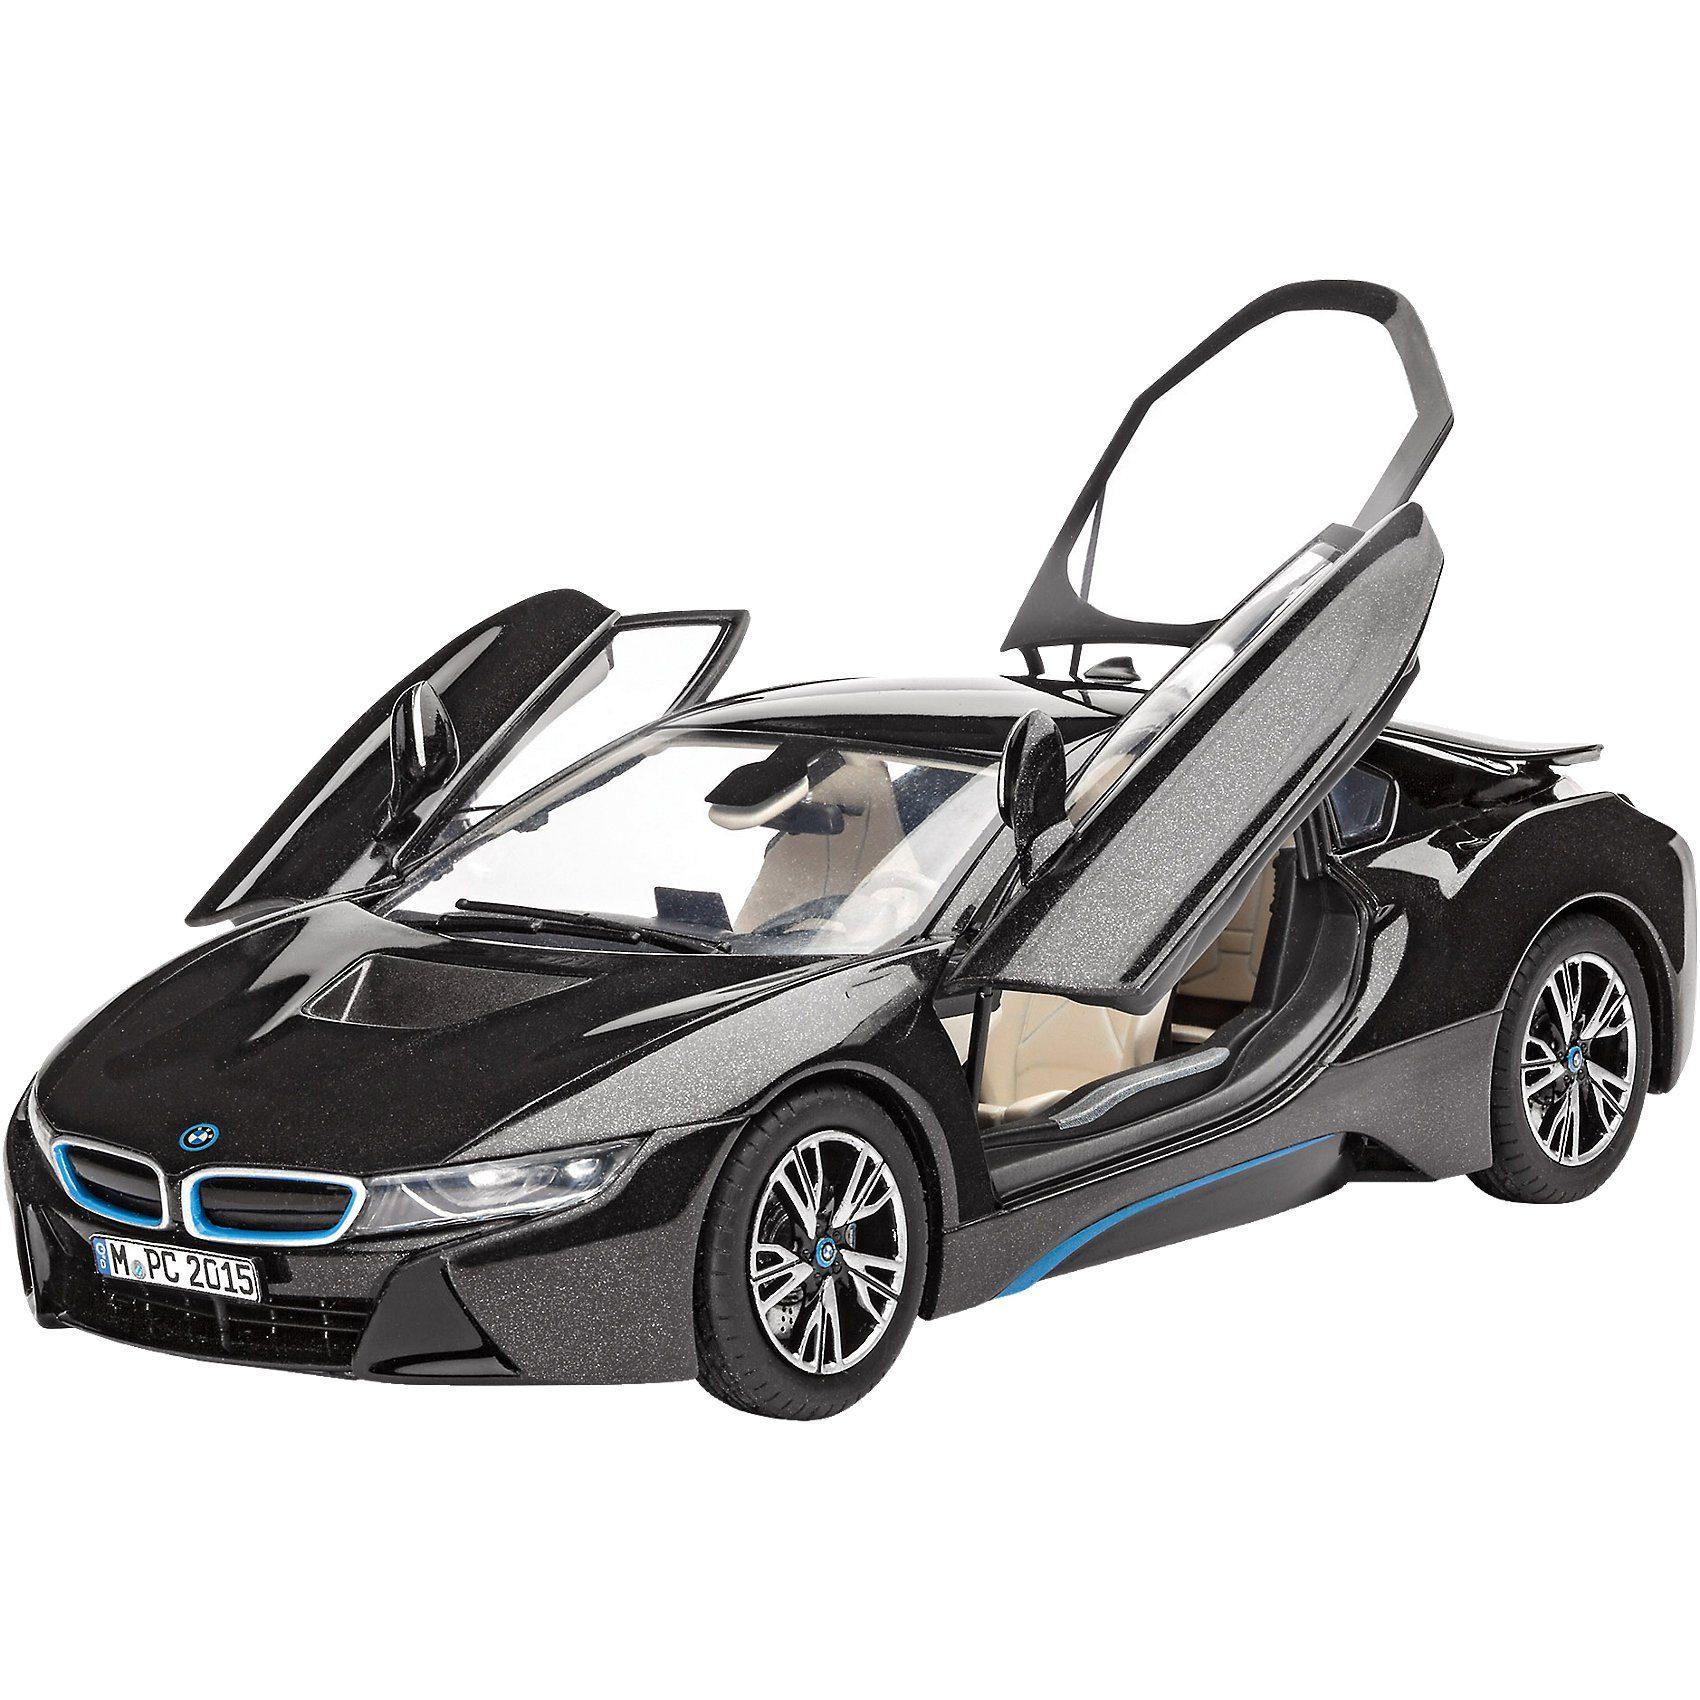 Revell Modellbausatz - BMW i8